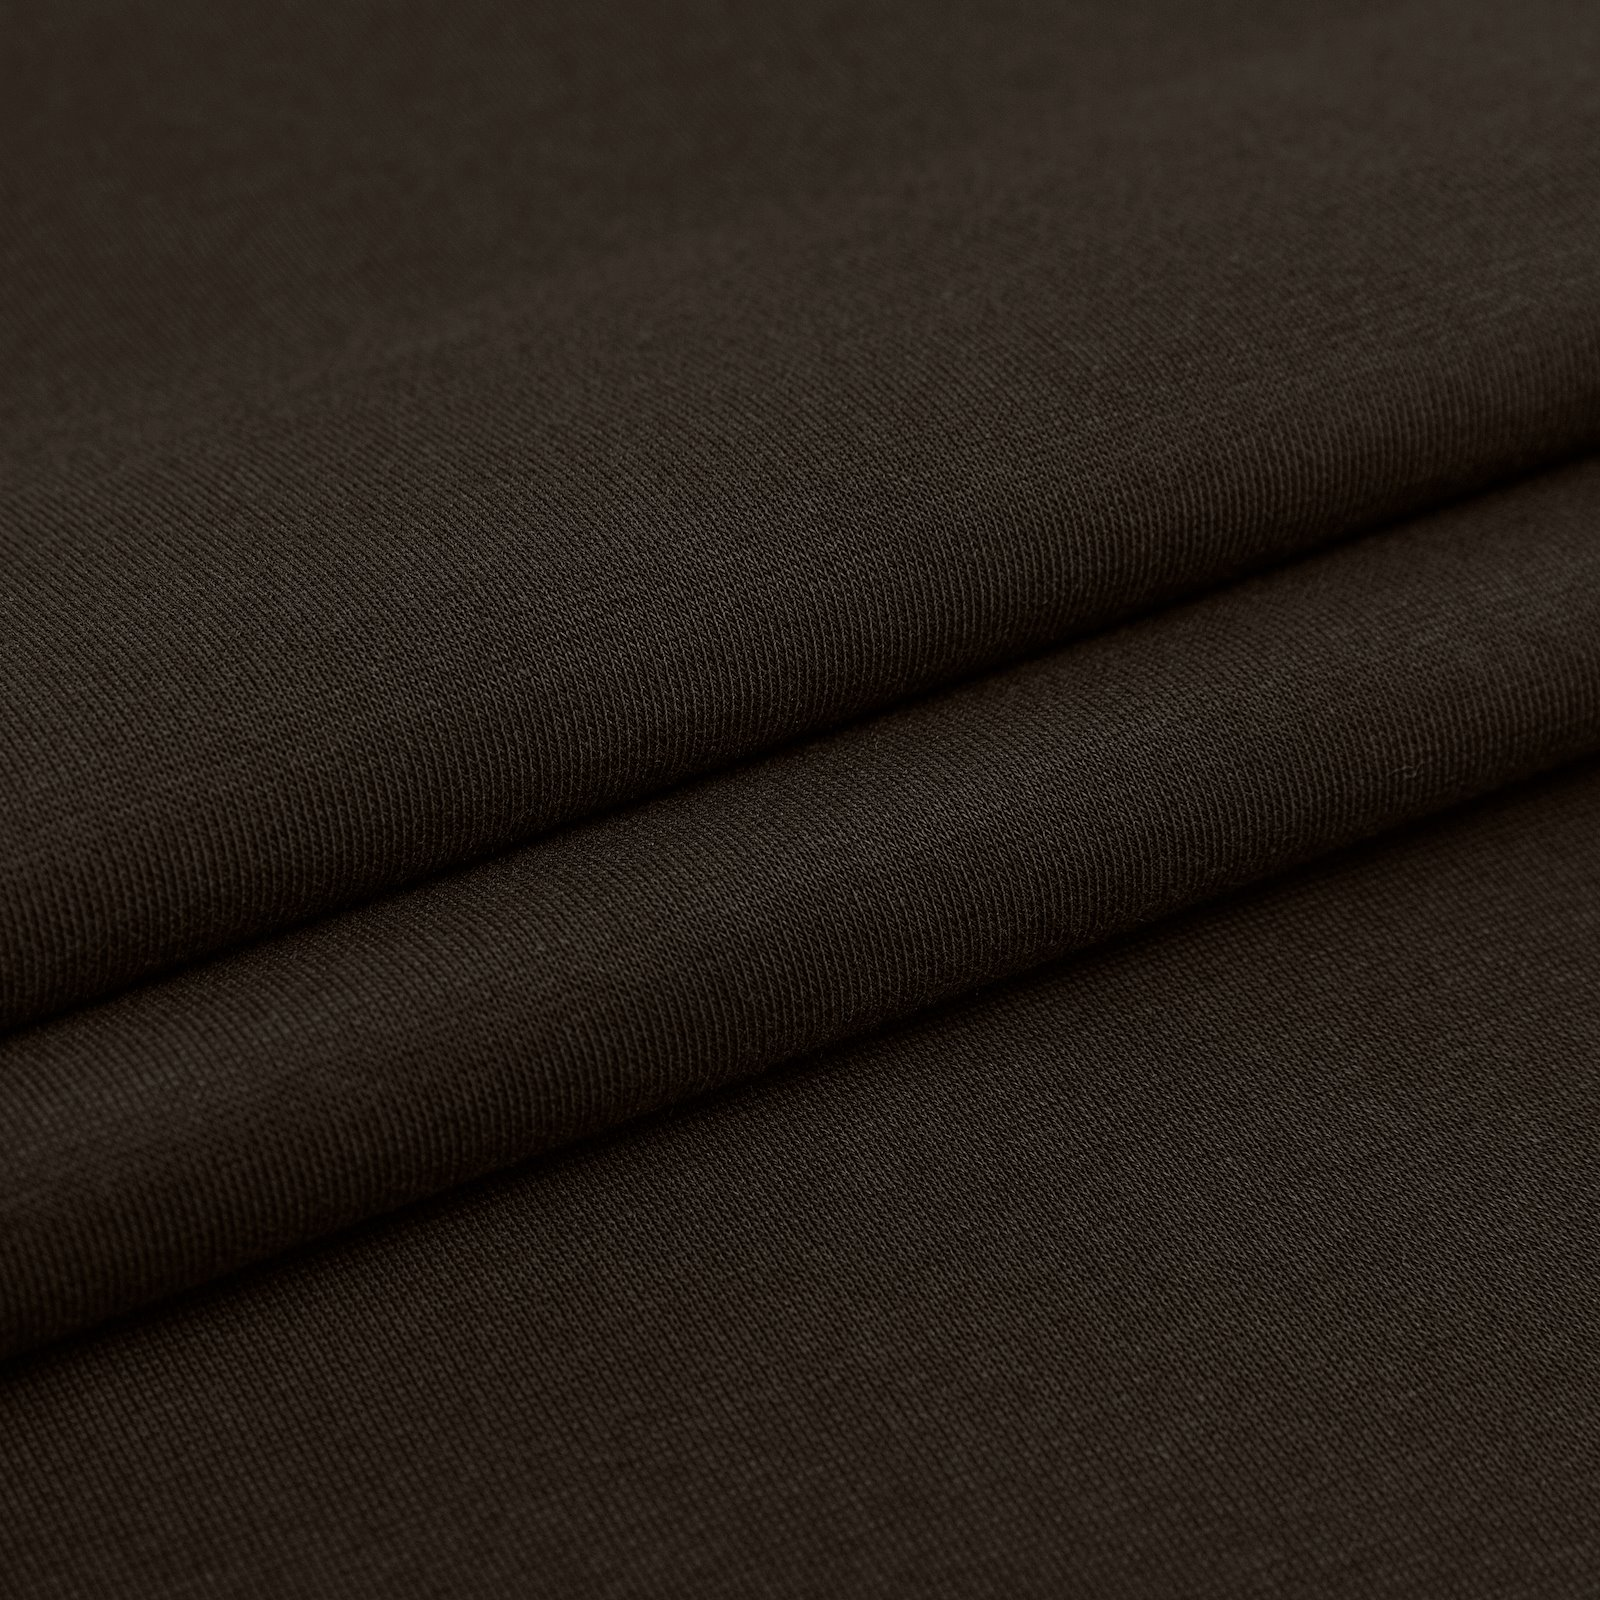 Organic rib dark brown 230610_pack_d